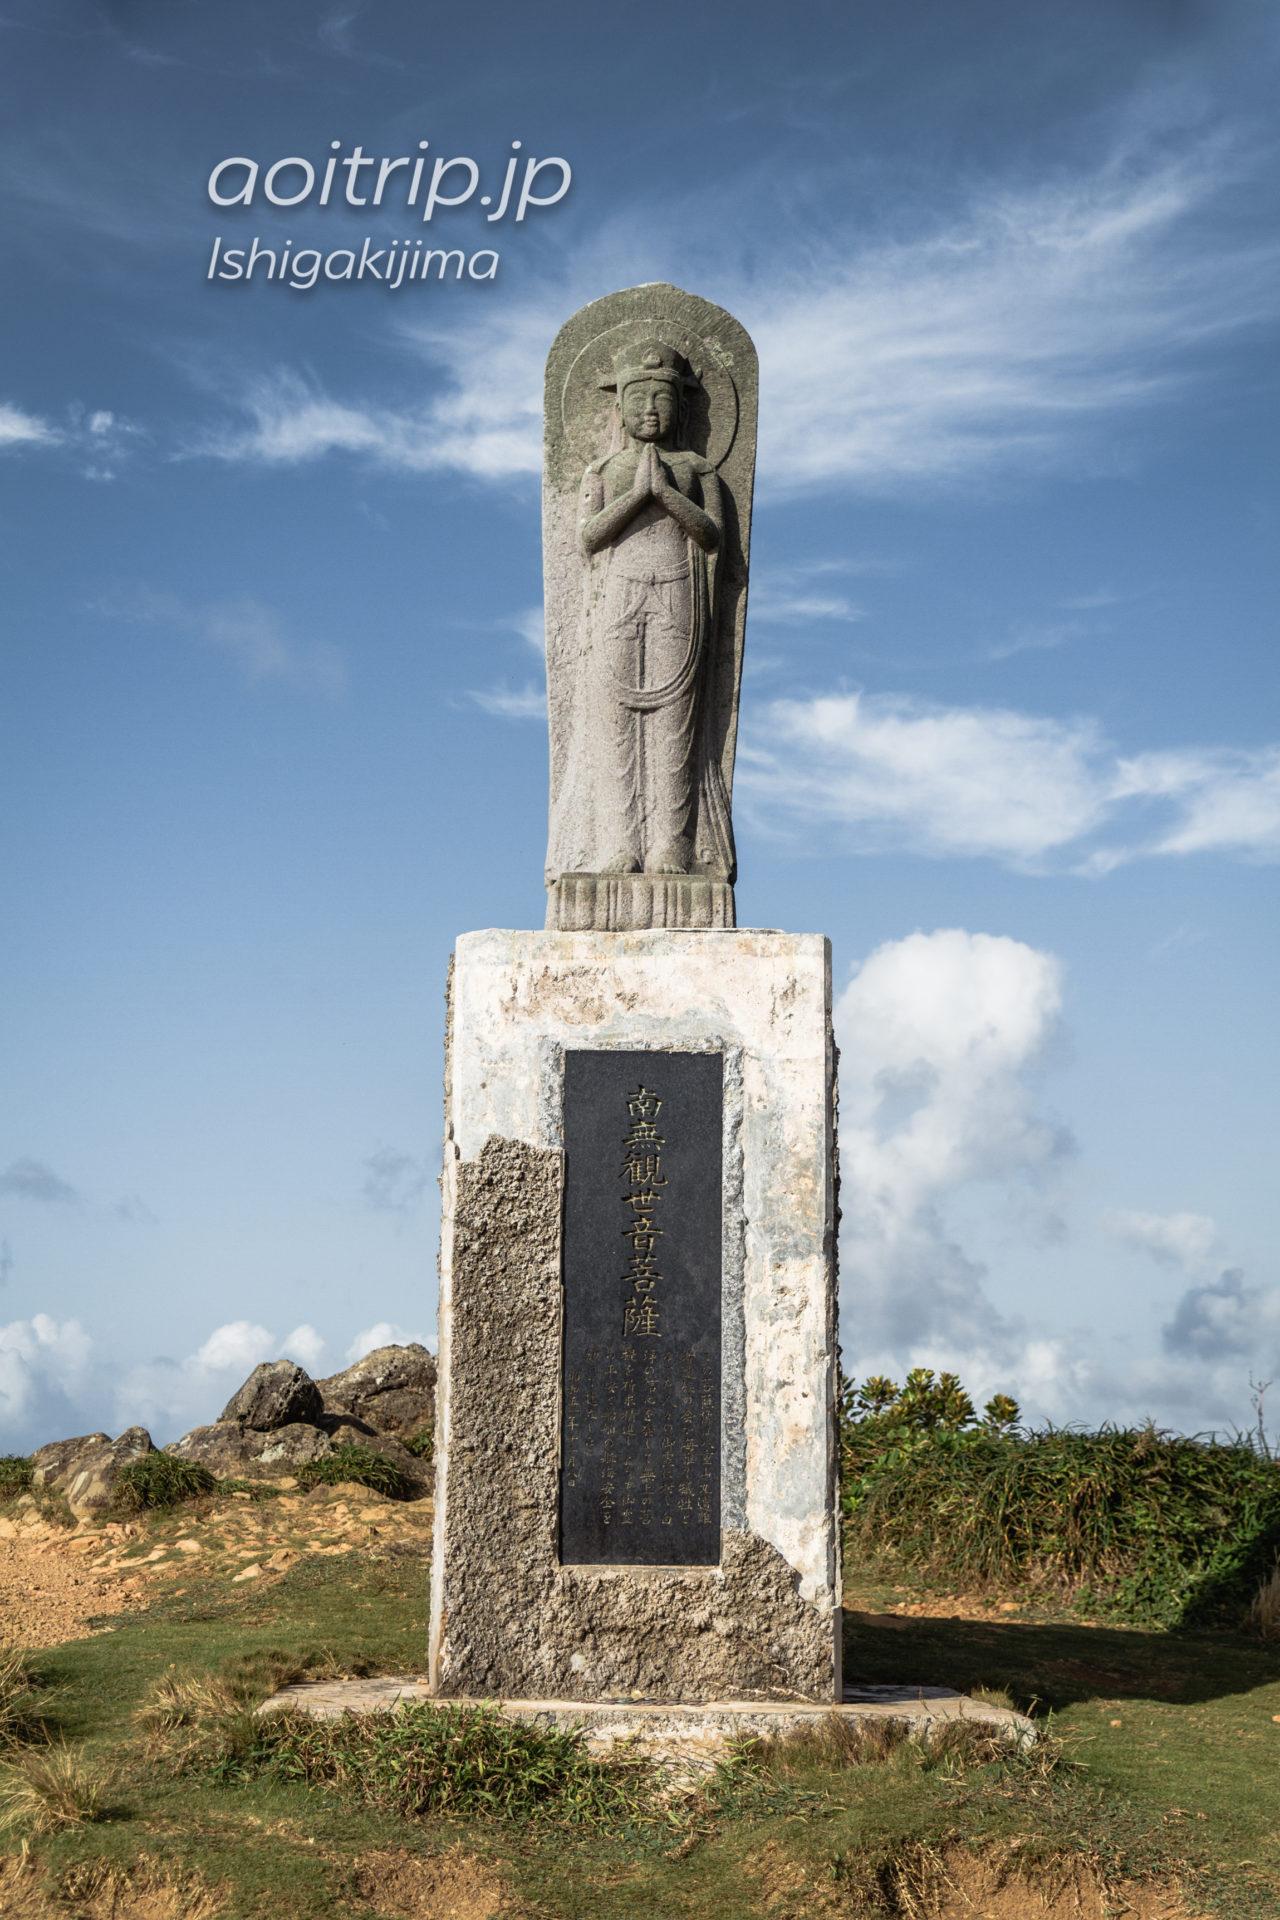 御神崎灯台 八重山丸遭難事故の慰霊碑